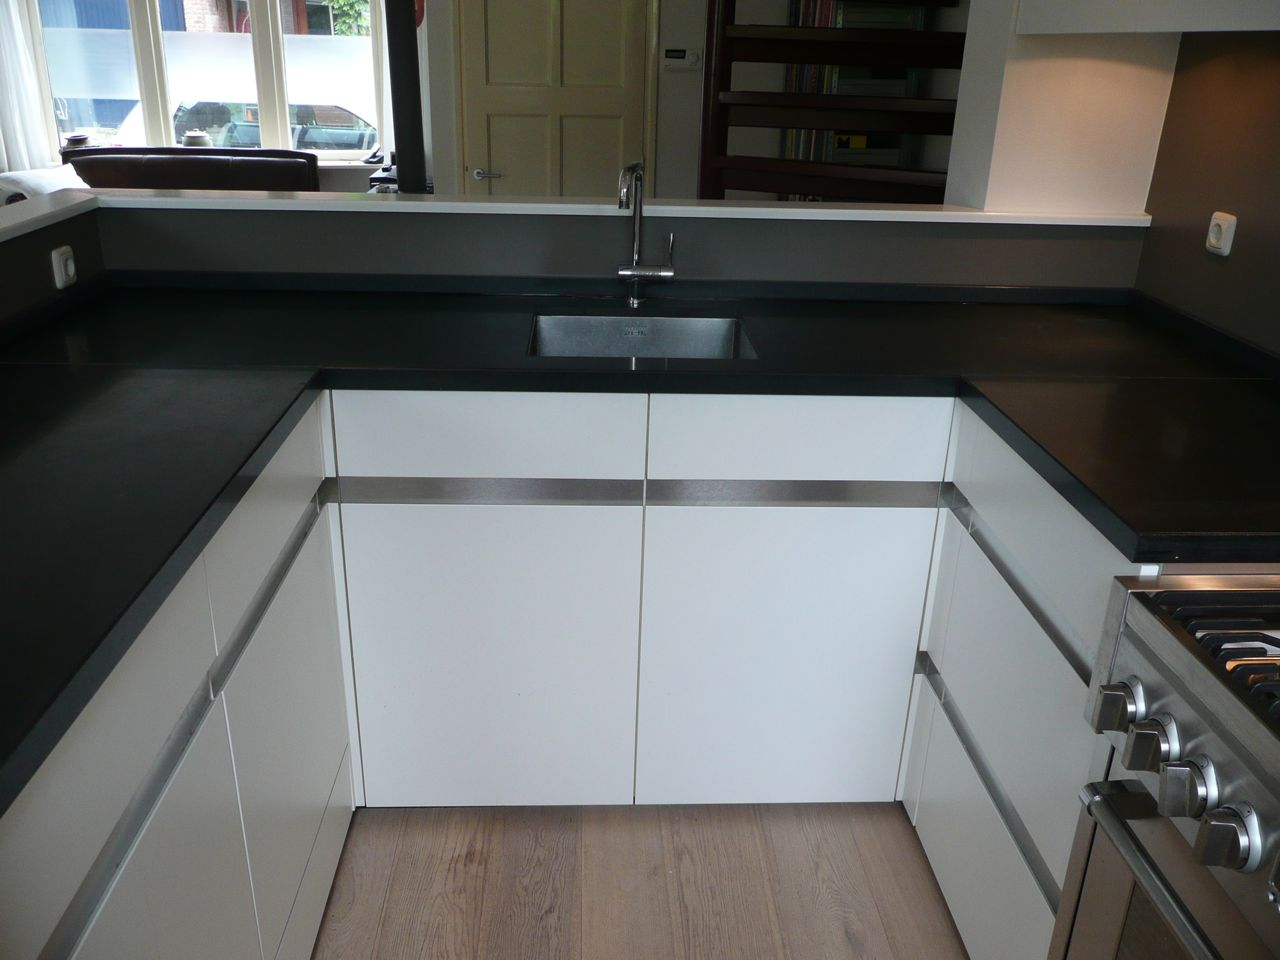 Verlichting Keuken Zonder Bovenkasten : Rechte Keuken Zonder Bovenkastjes : keukens voor uw appartement twee